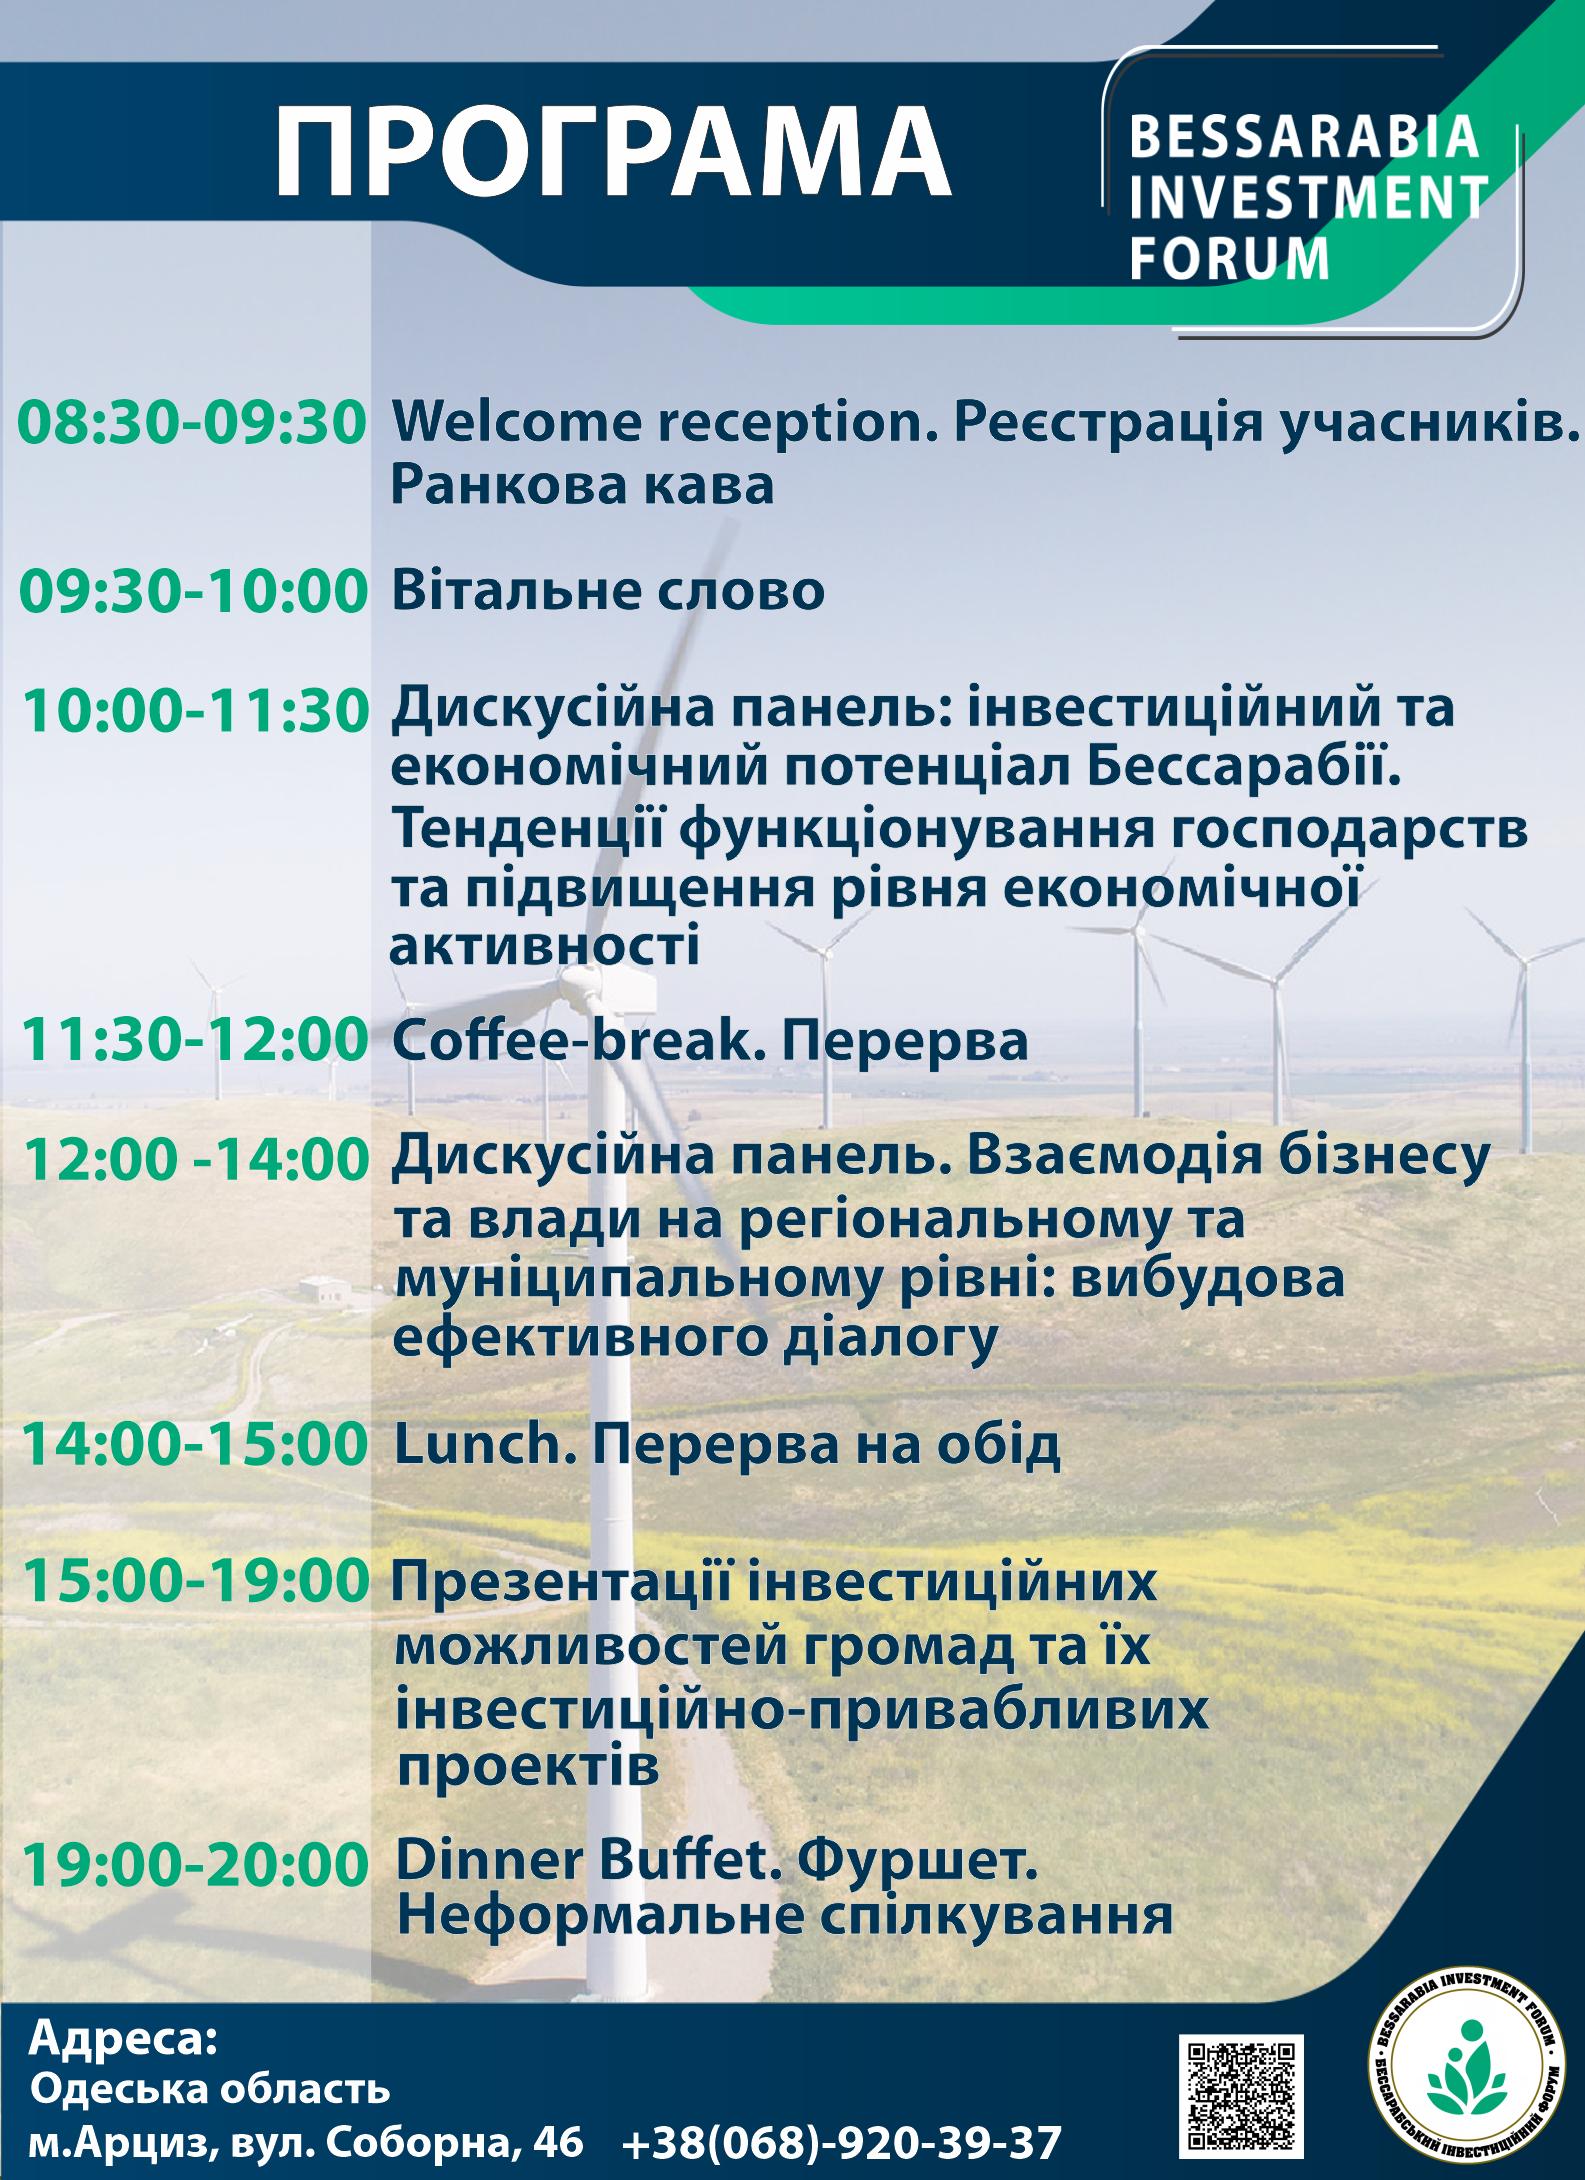 Bessarabia Investment Forum: через неделю в Бессарабии пройдет Первый инвестиционный форум